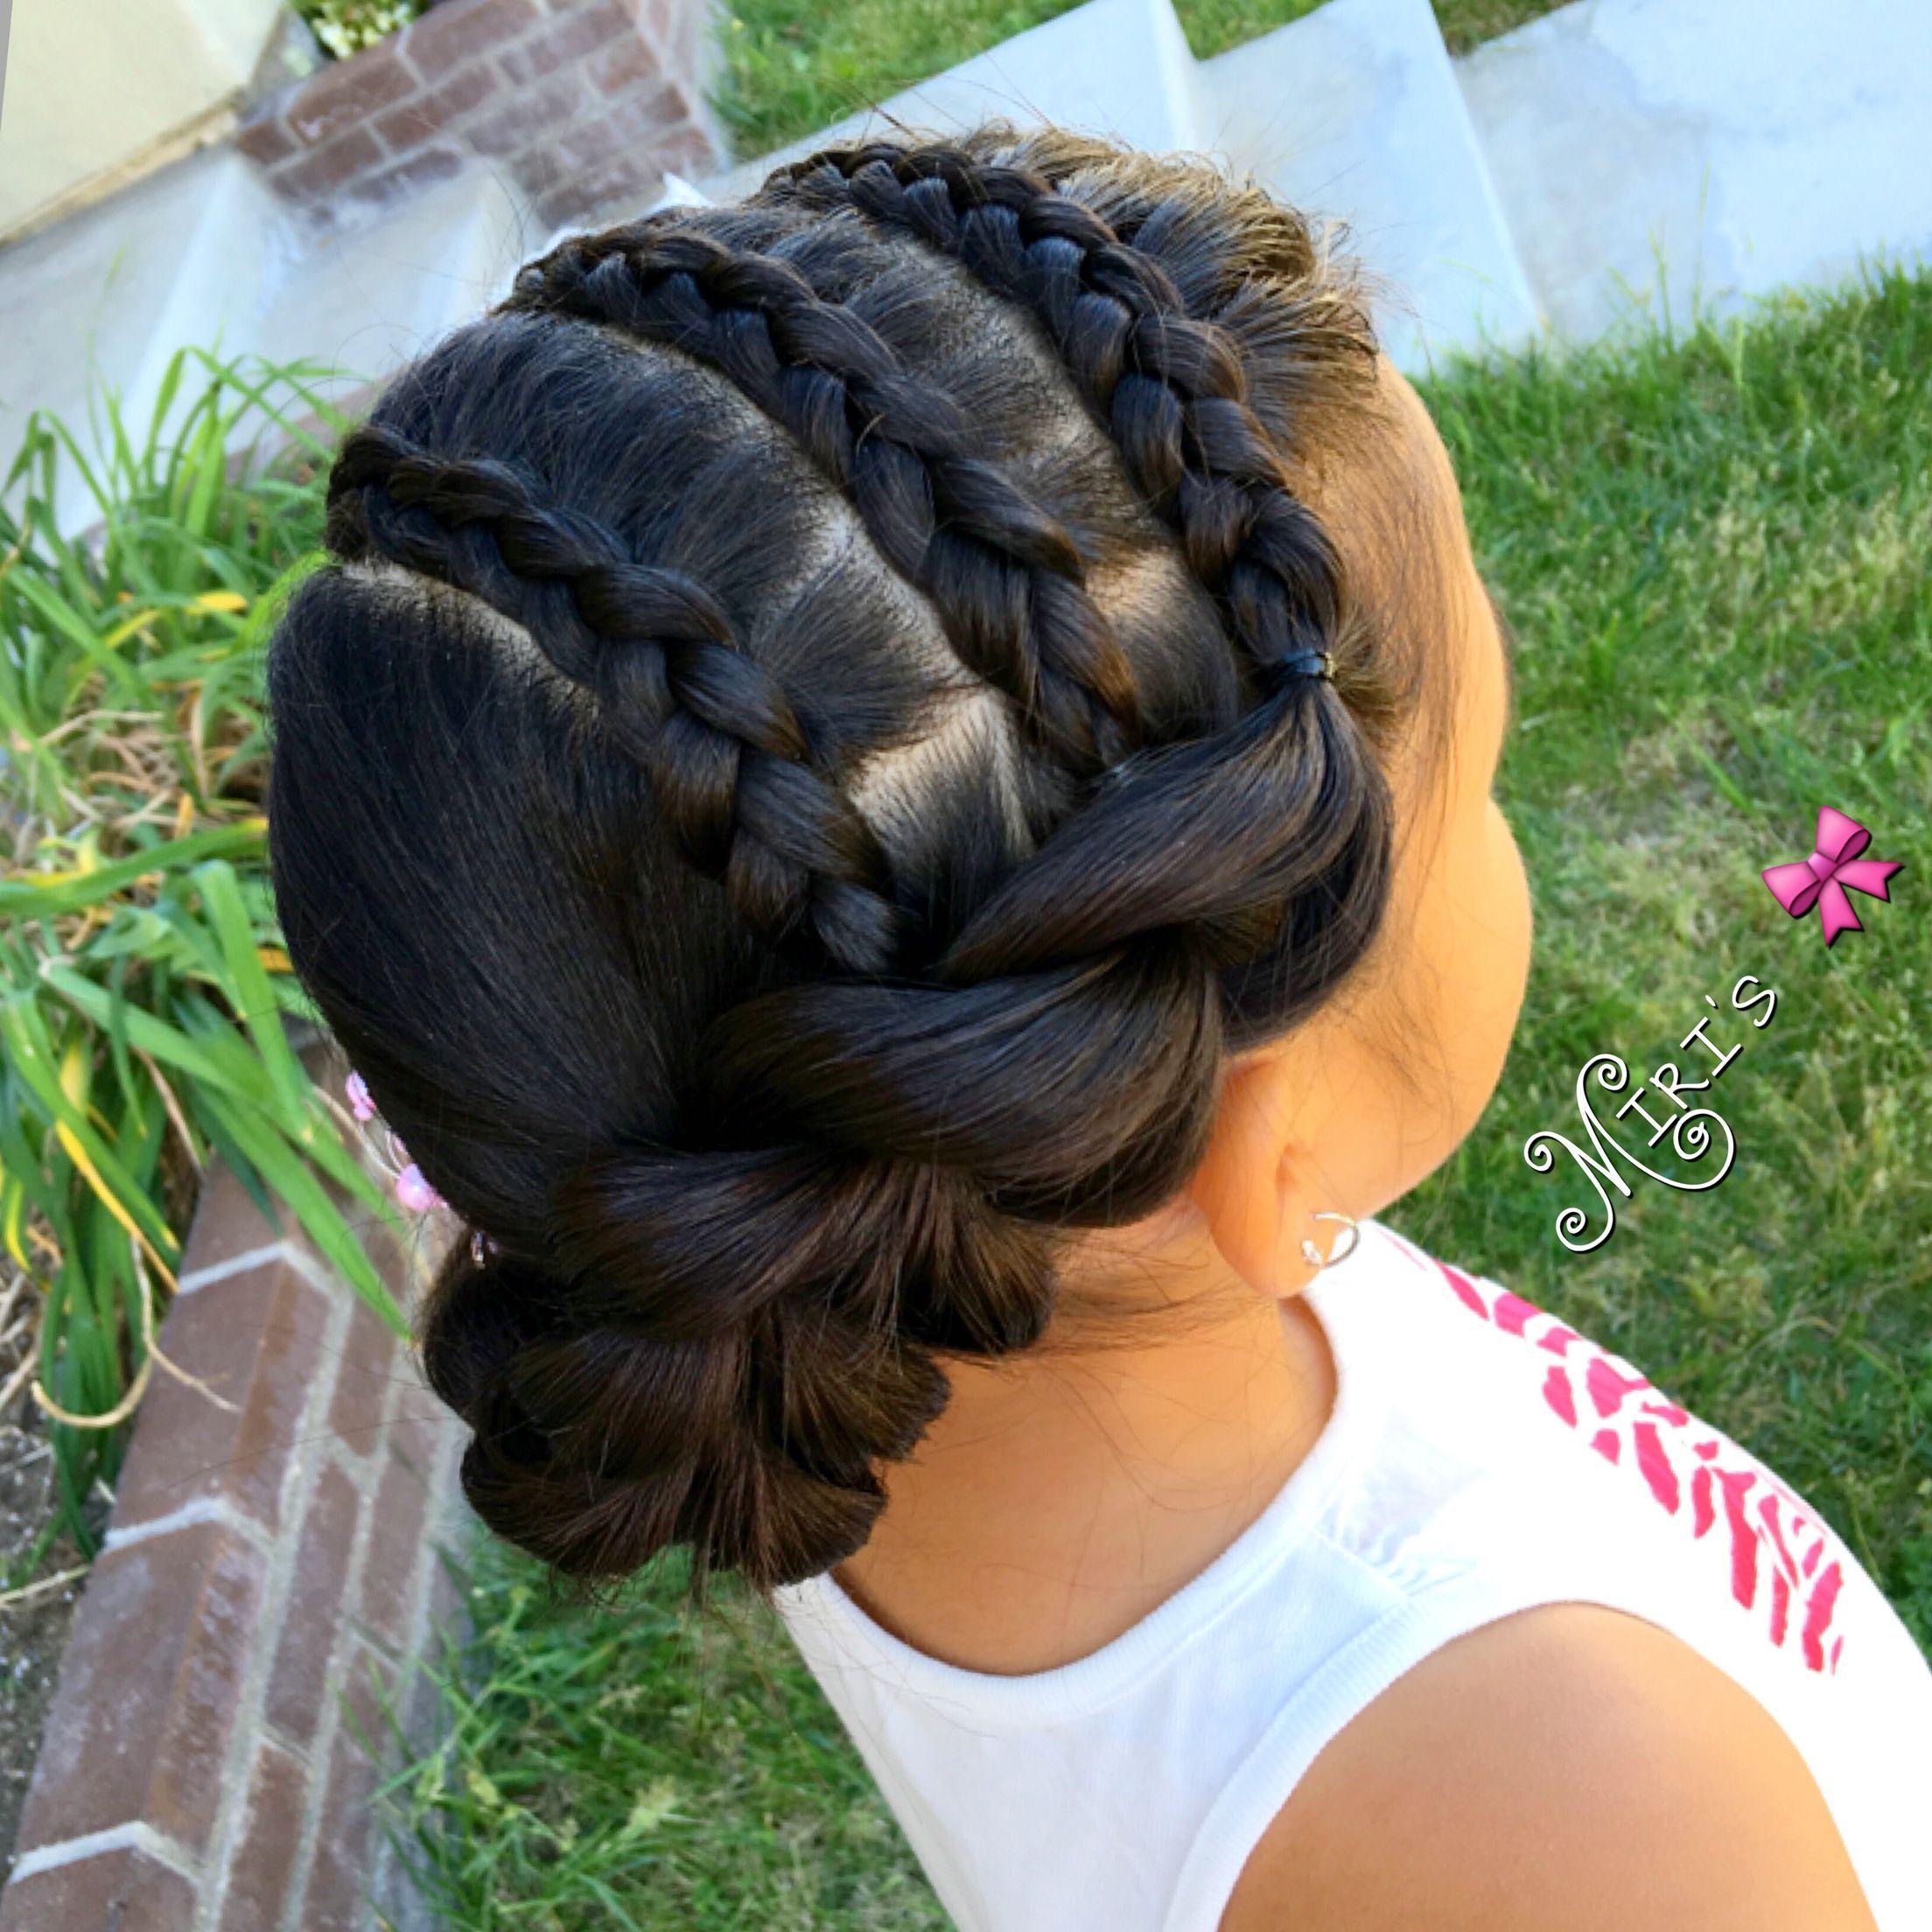 Hair style for little girls naturalhairstylesforlittlegirls